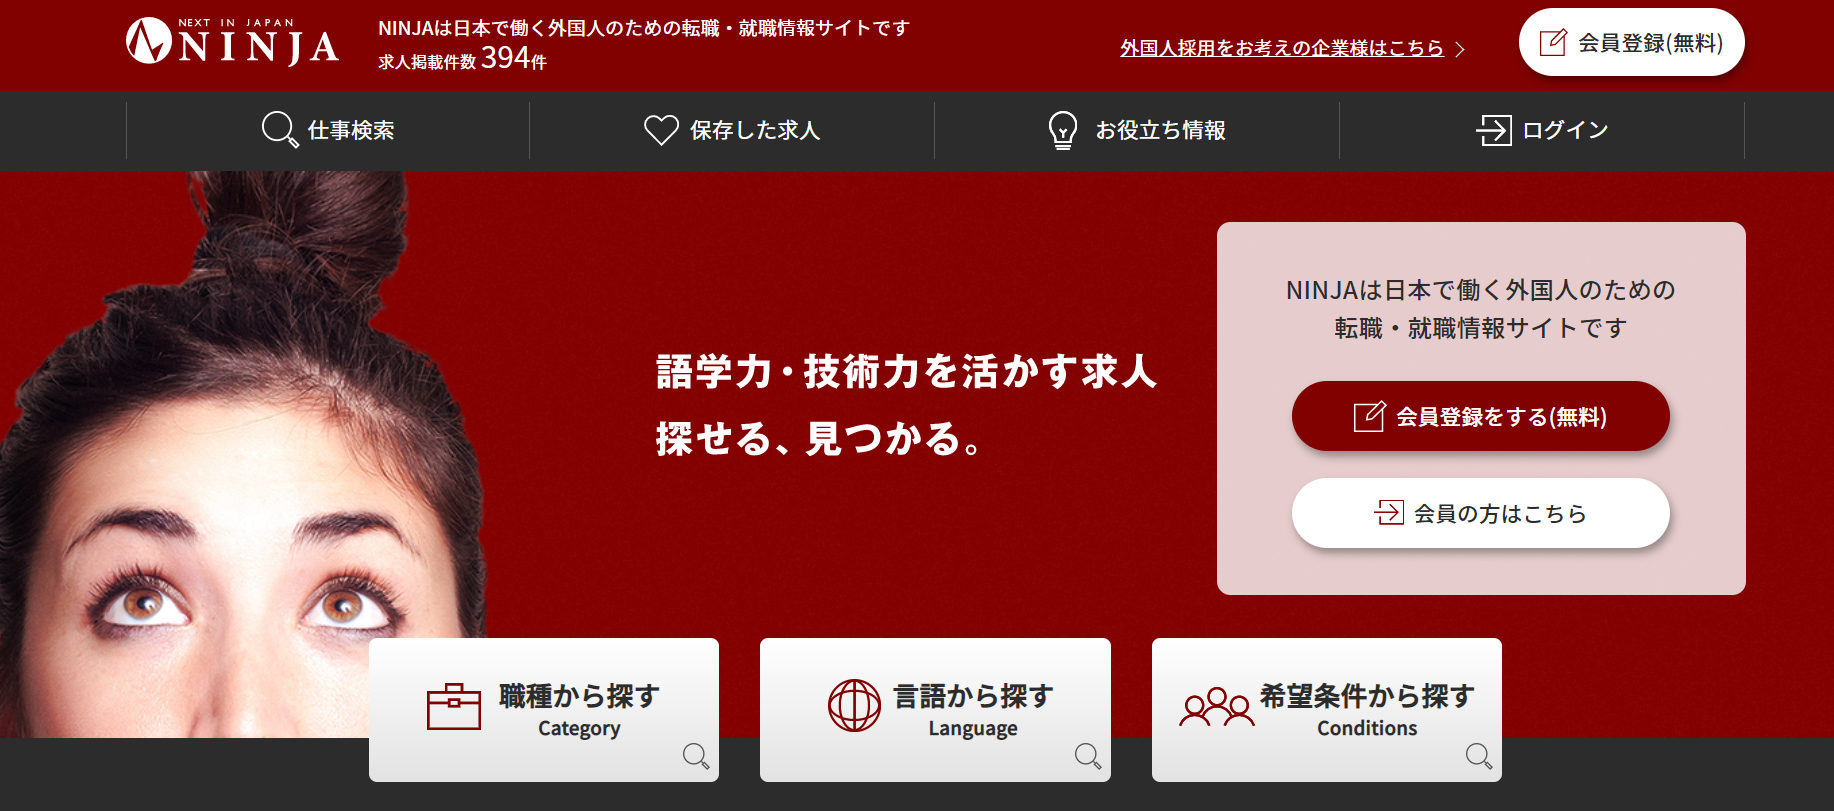 日本で働く外国人のための転職・就職情報サイト『NINJA』リニューアル!